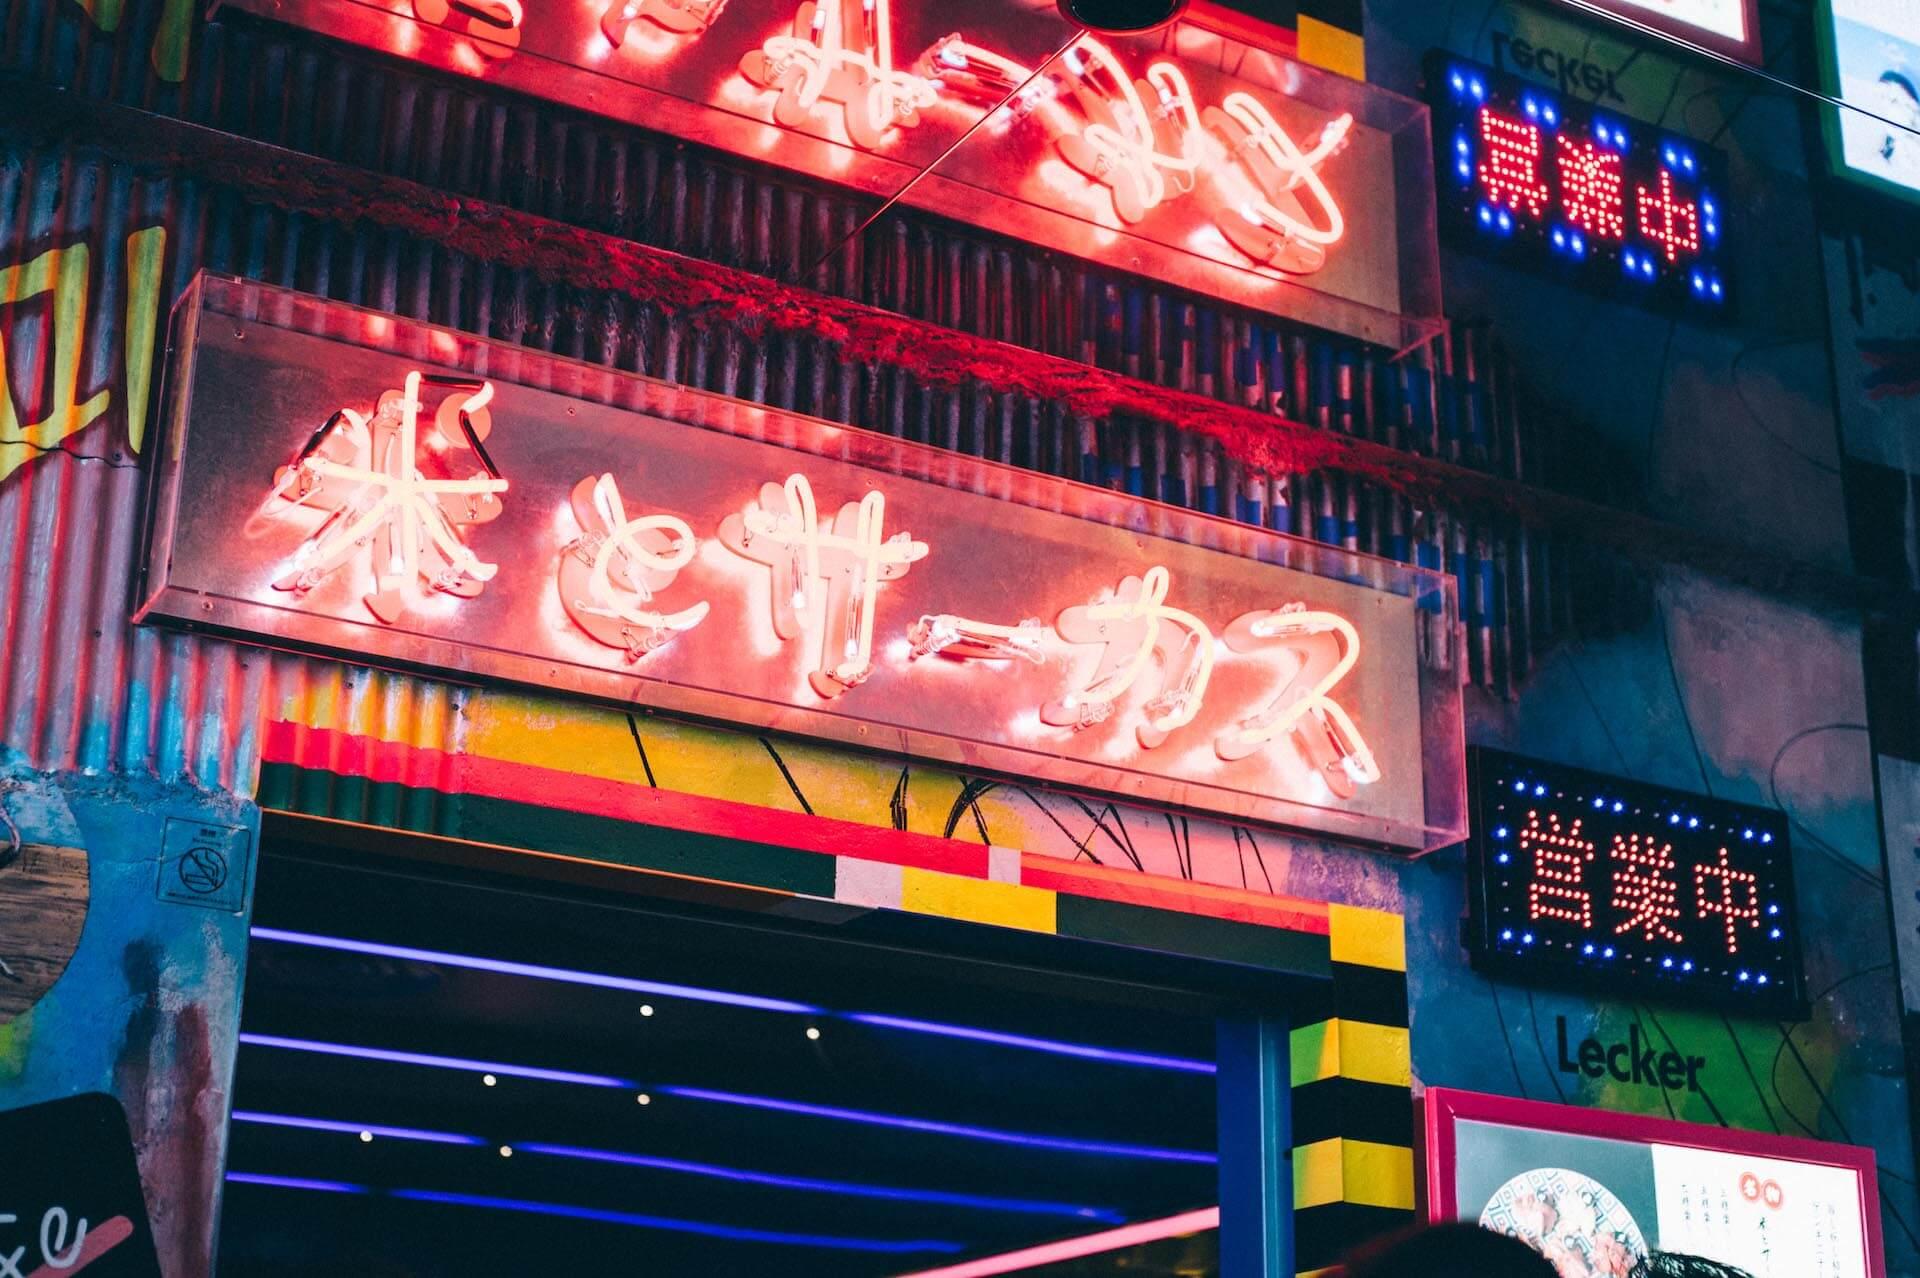 新生渋谷PARCOのカオスなフードエリア「CHAOS KITCHEN」注目の3店舗をピックアップ lfefashion-20191122-parco-8732